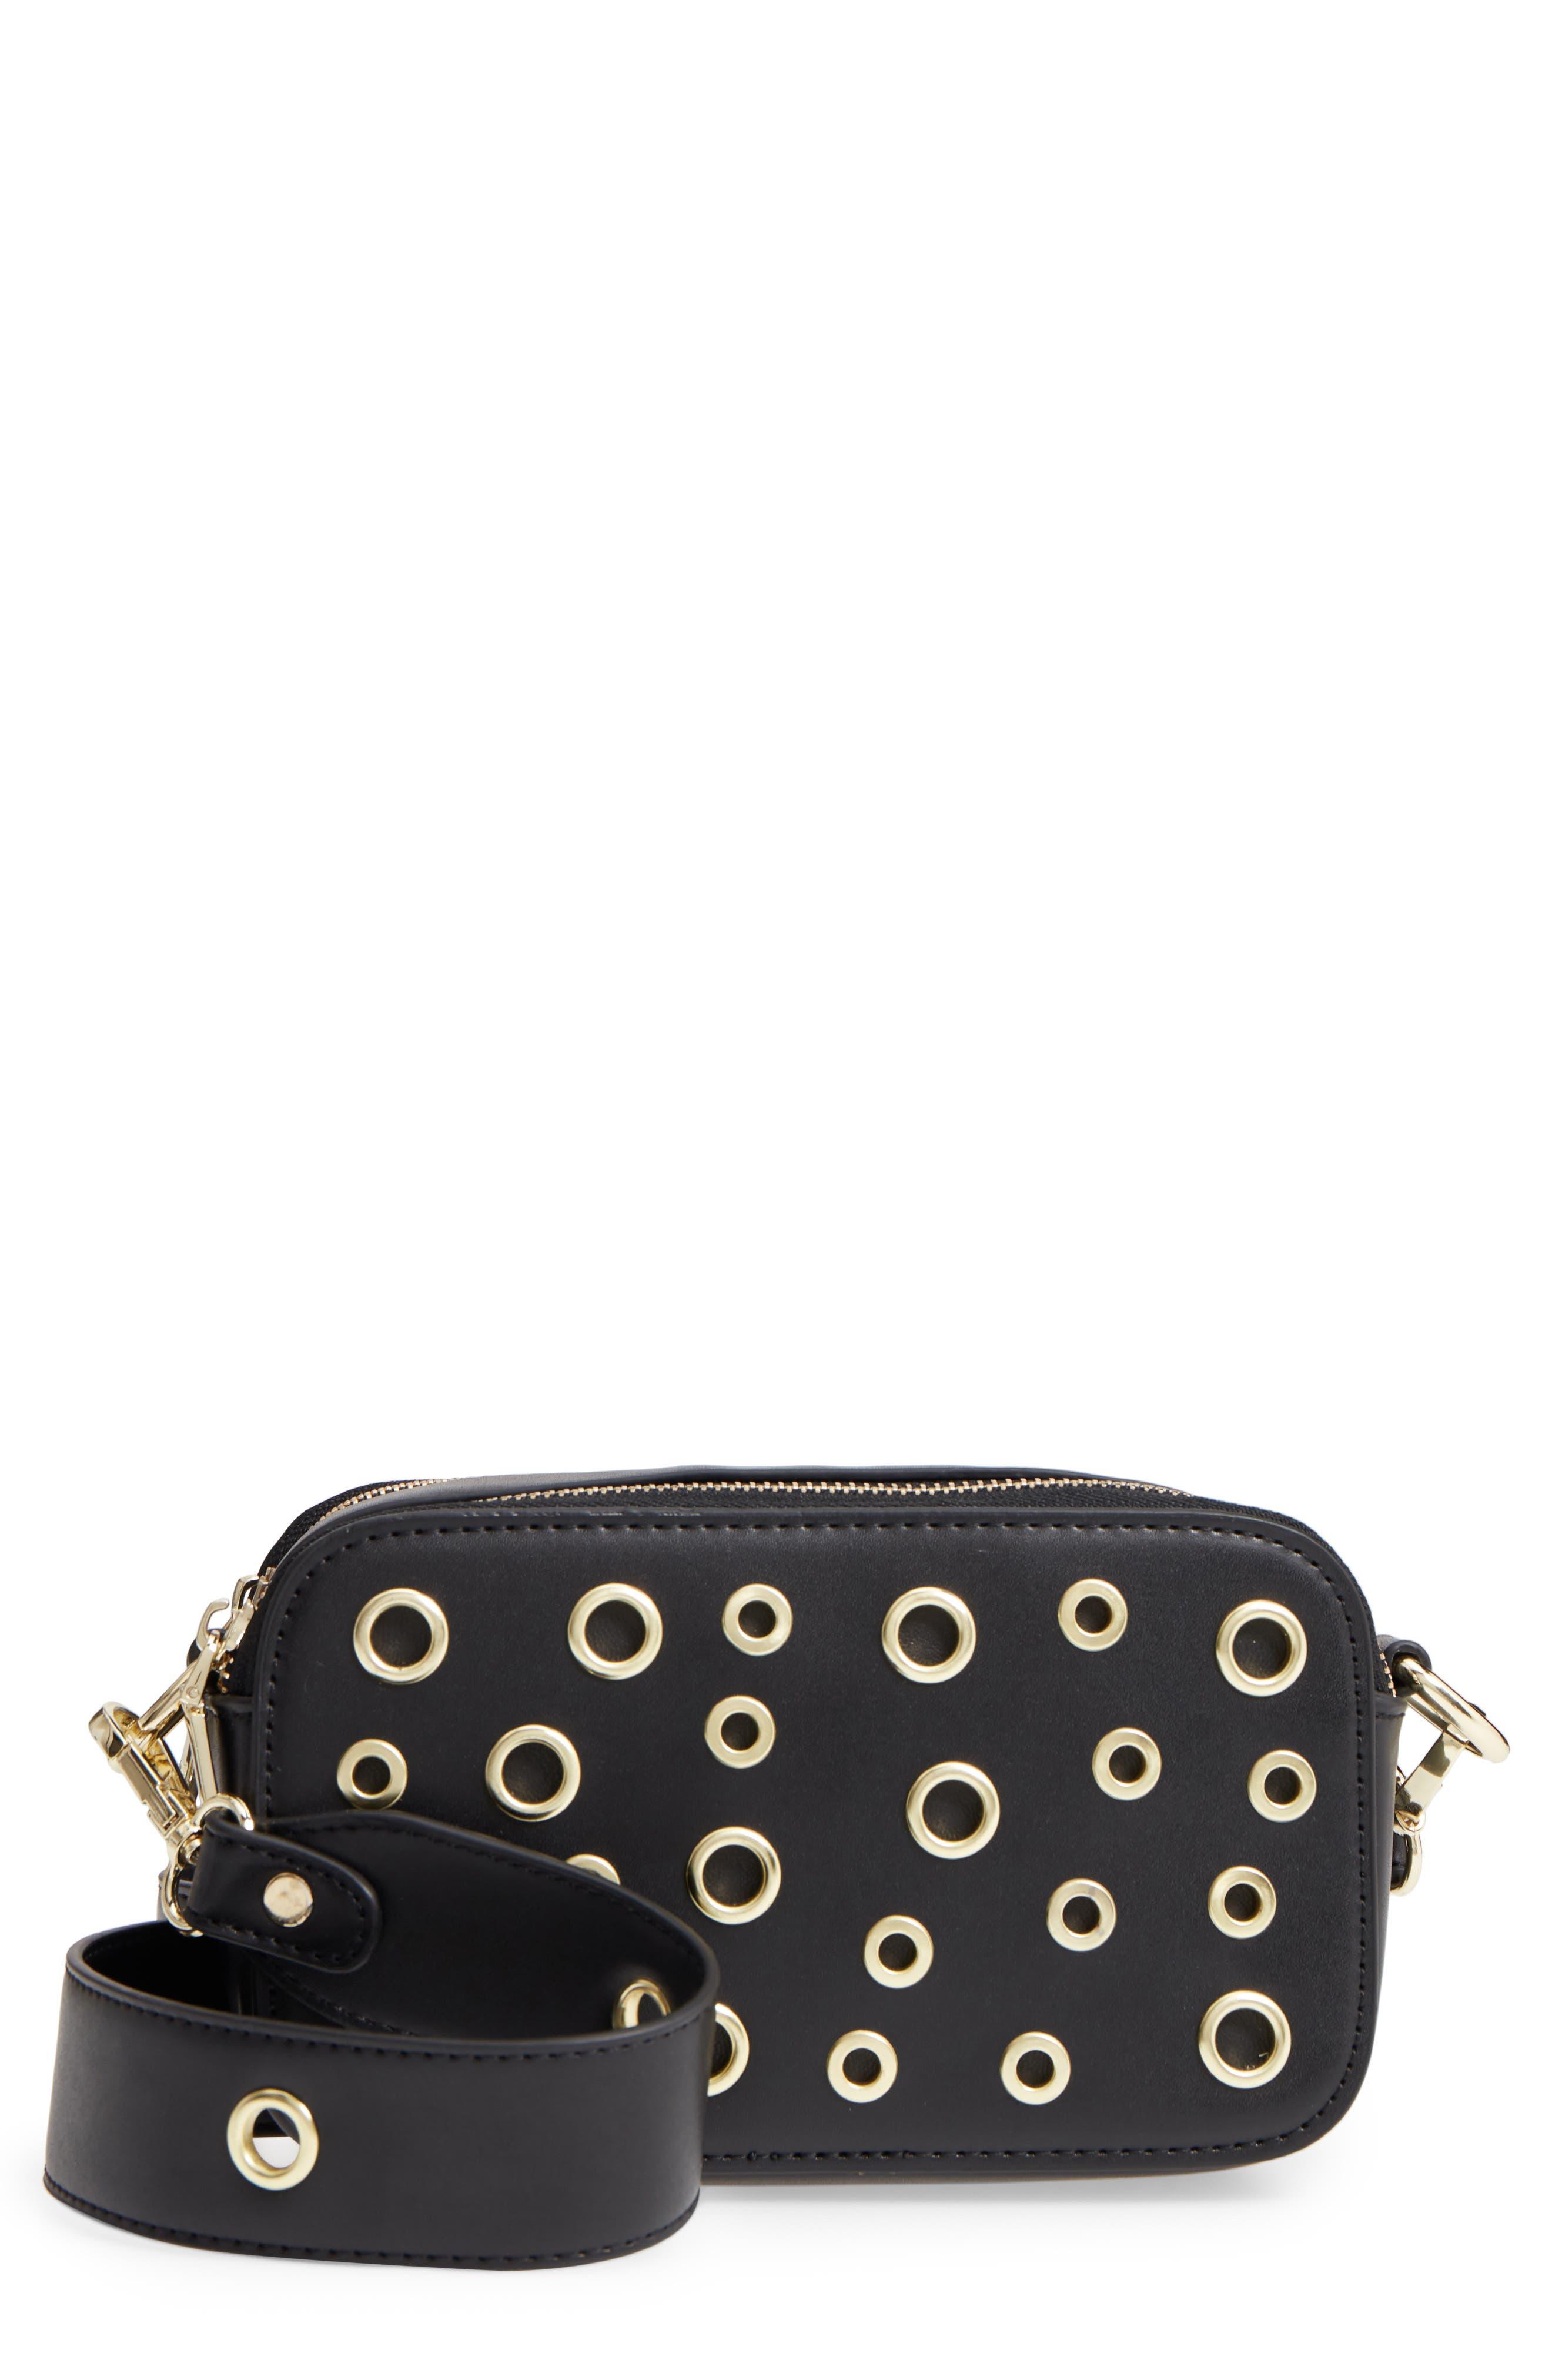 Dyana Grommet Faux Leather Crossbody Bag,                             Main thumbnail 1, color,                             Black